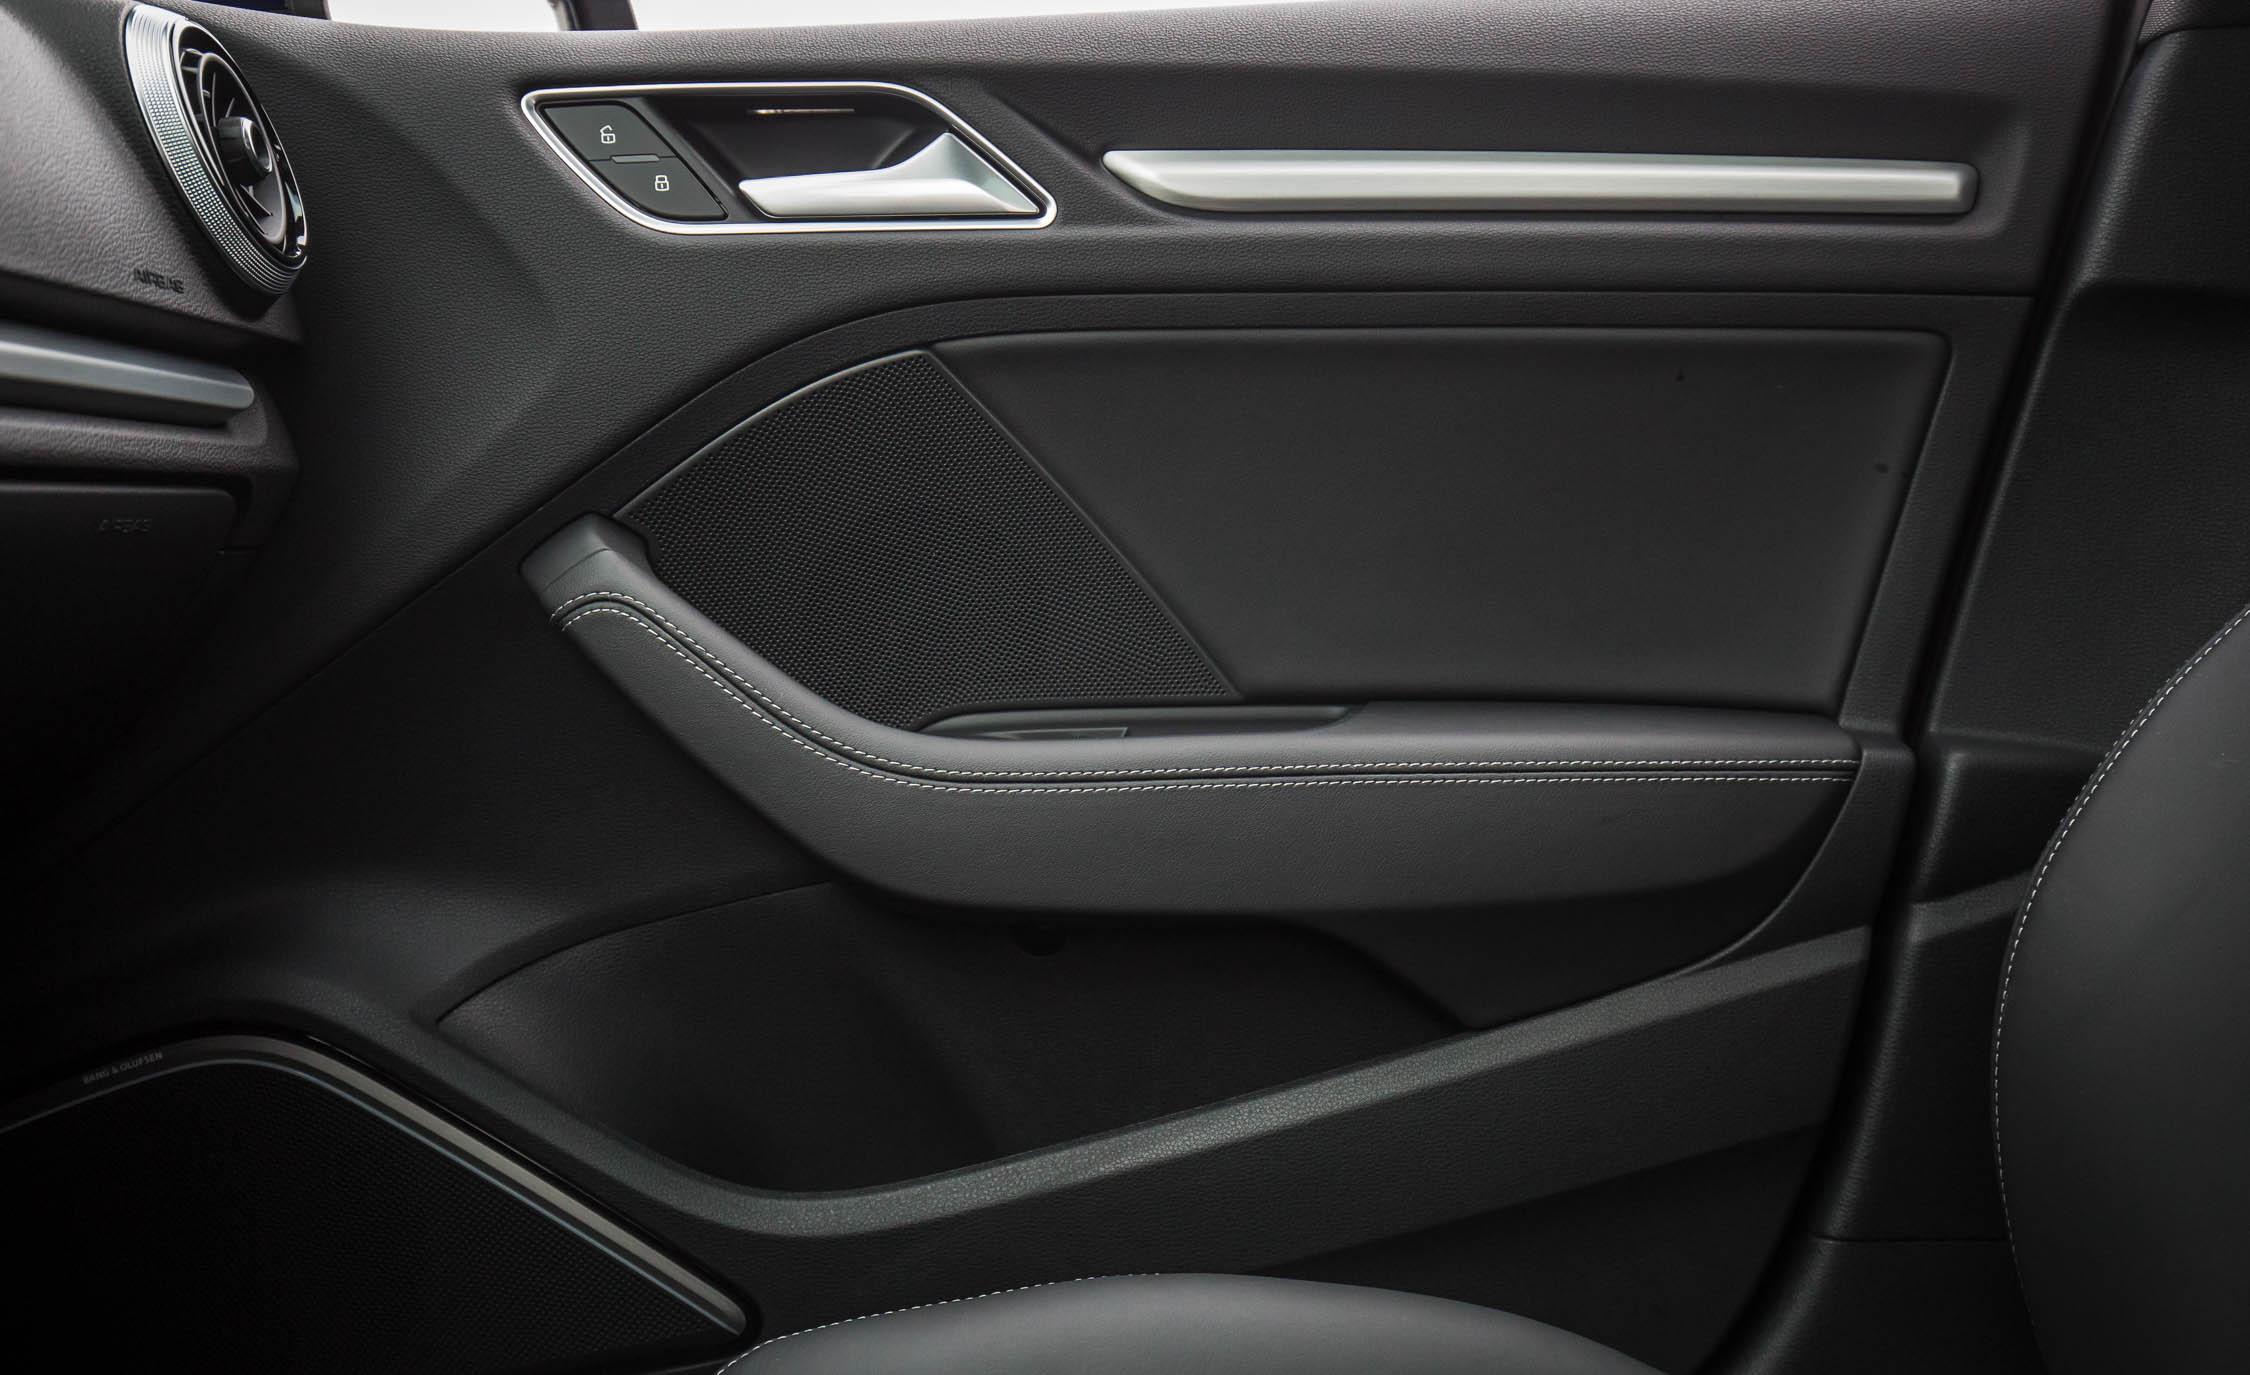 2017 Audi S3 Interior View Door Panel Front (View 18 of 50)